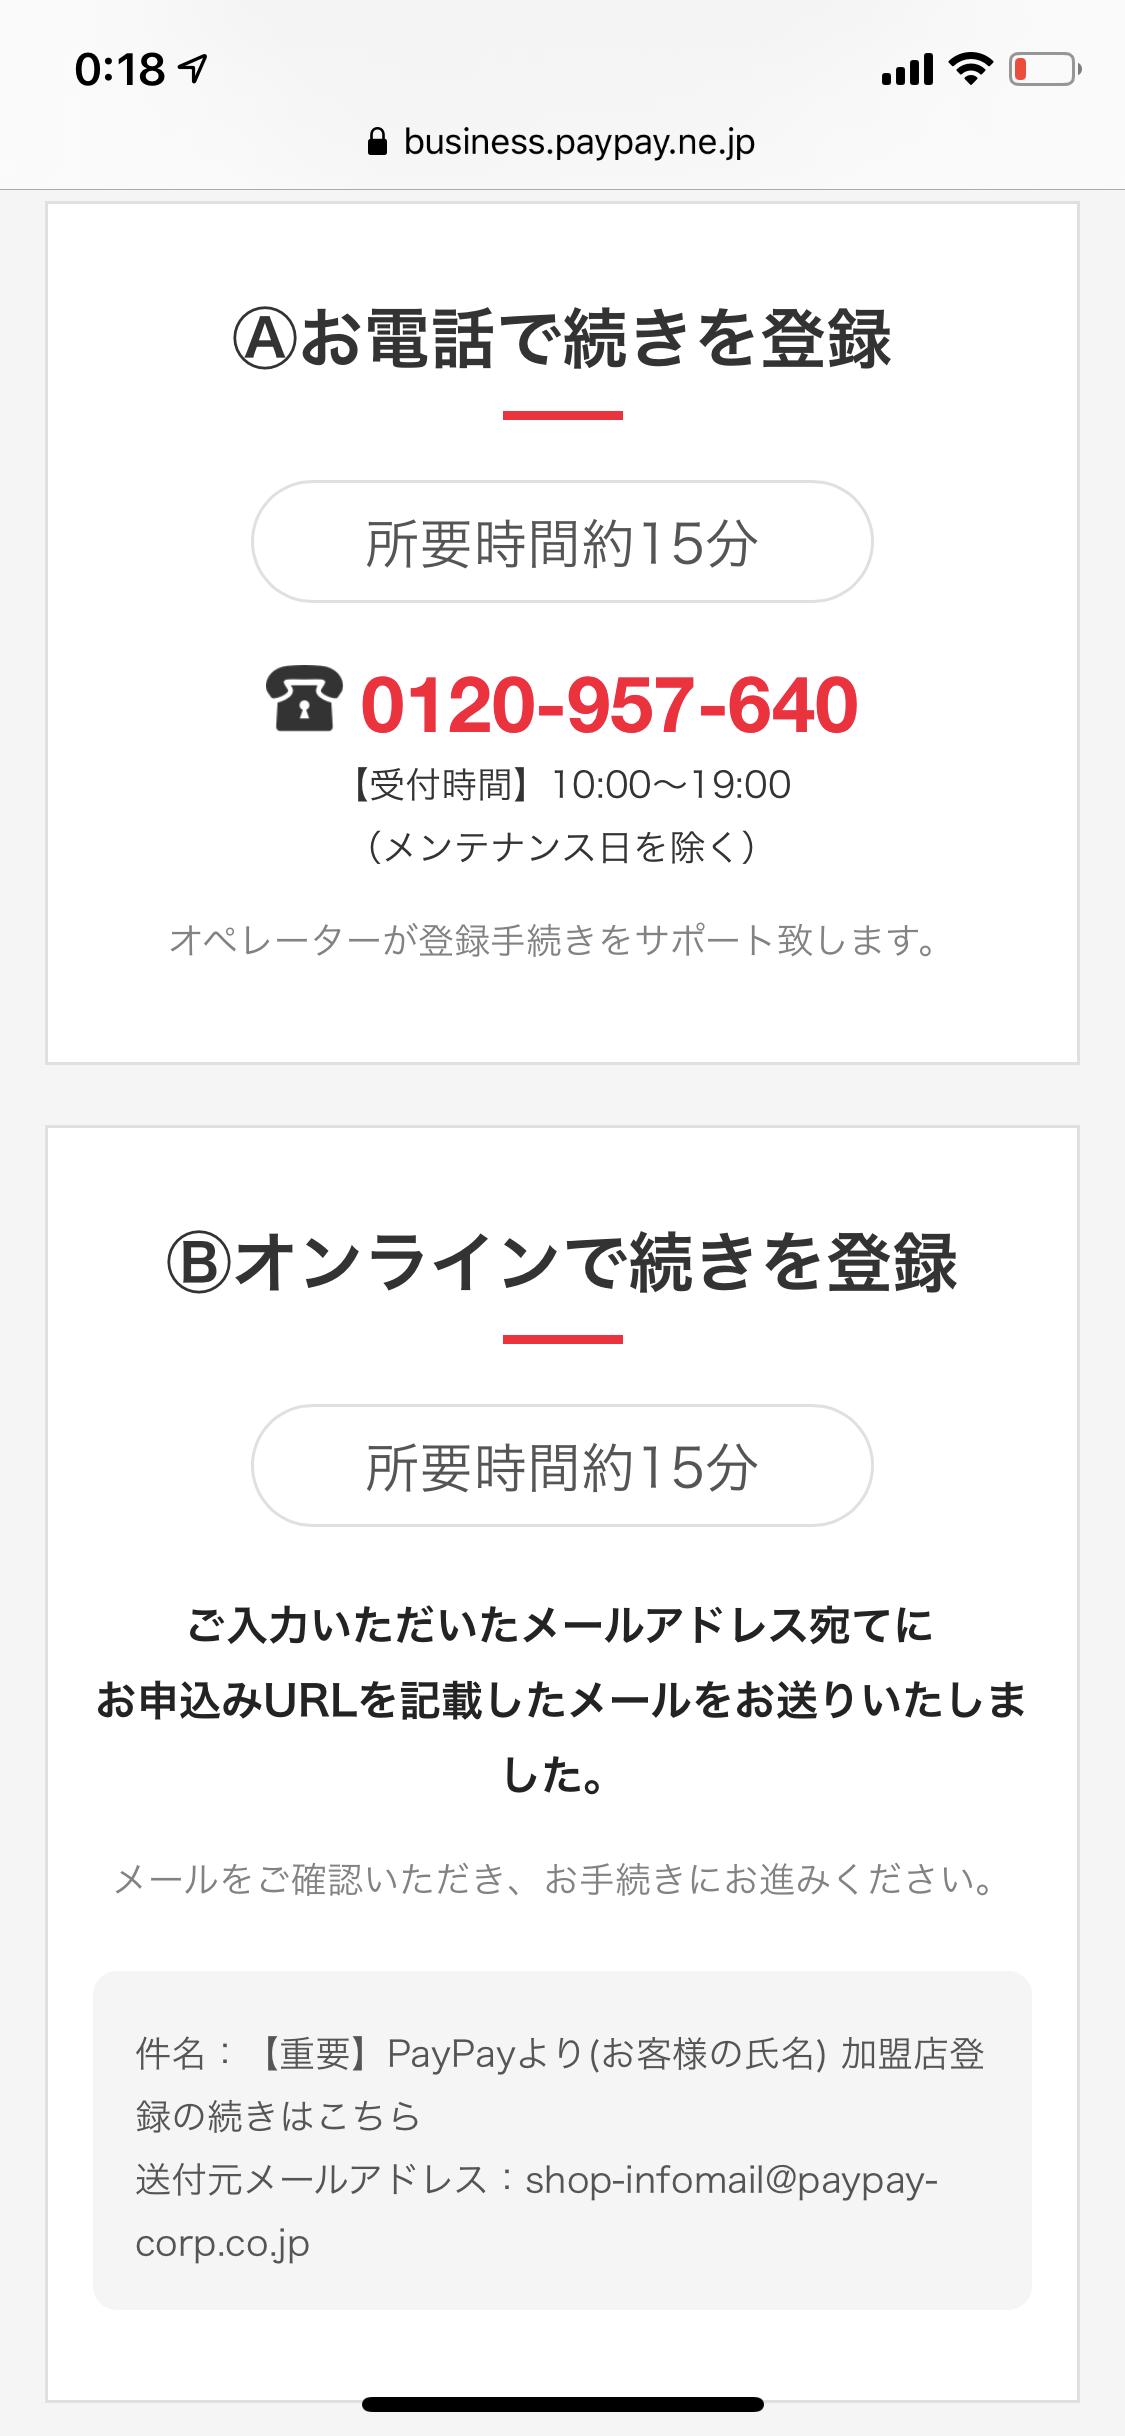 PayPay申し込み電話・オンラインの選択画面